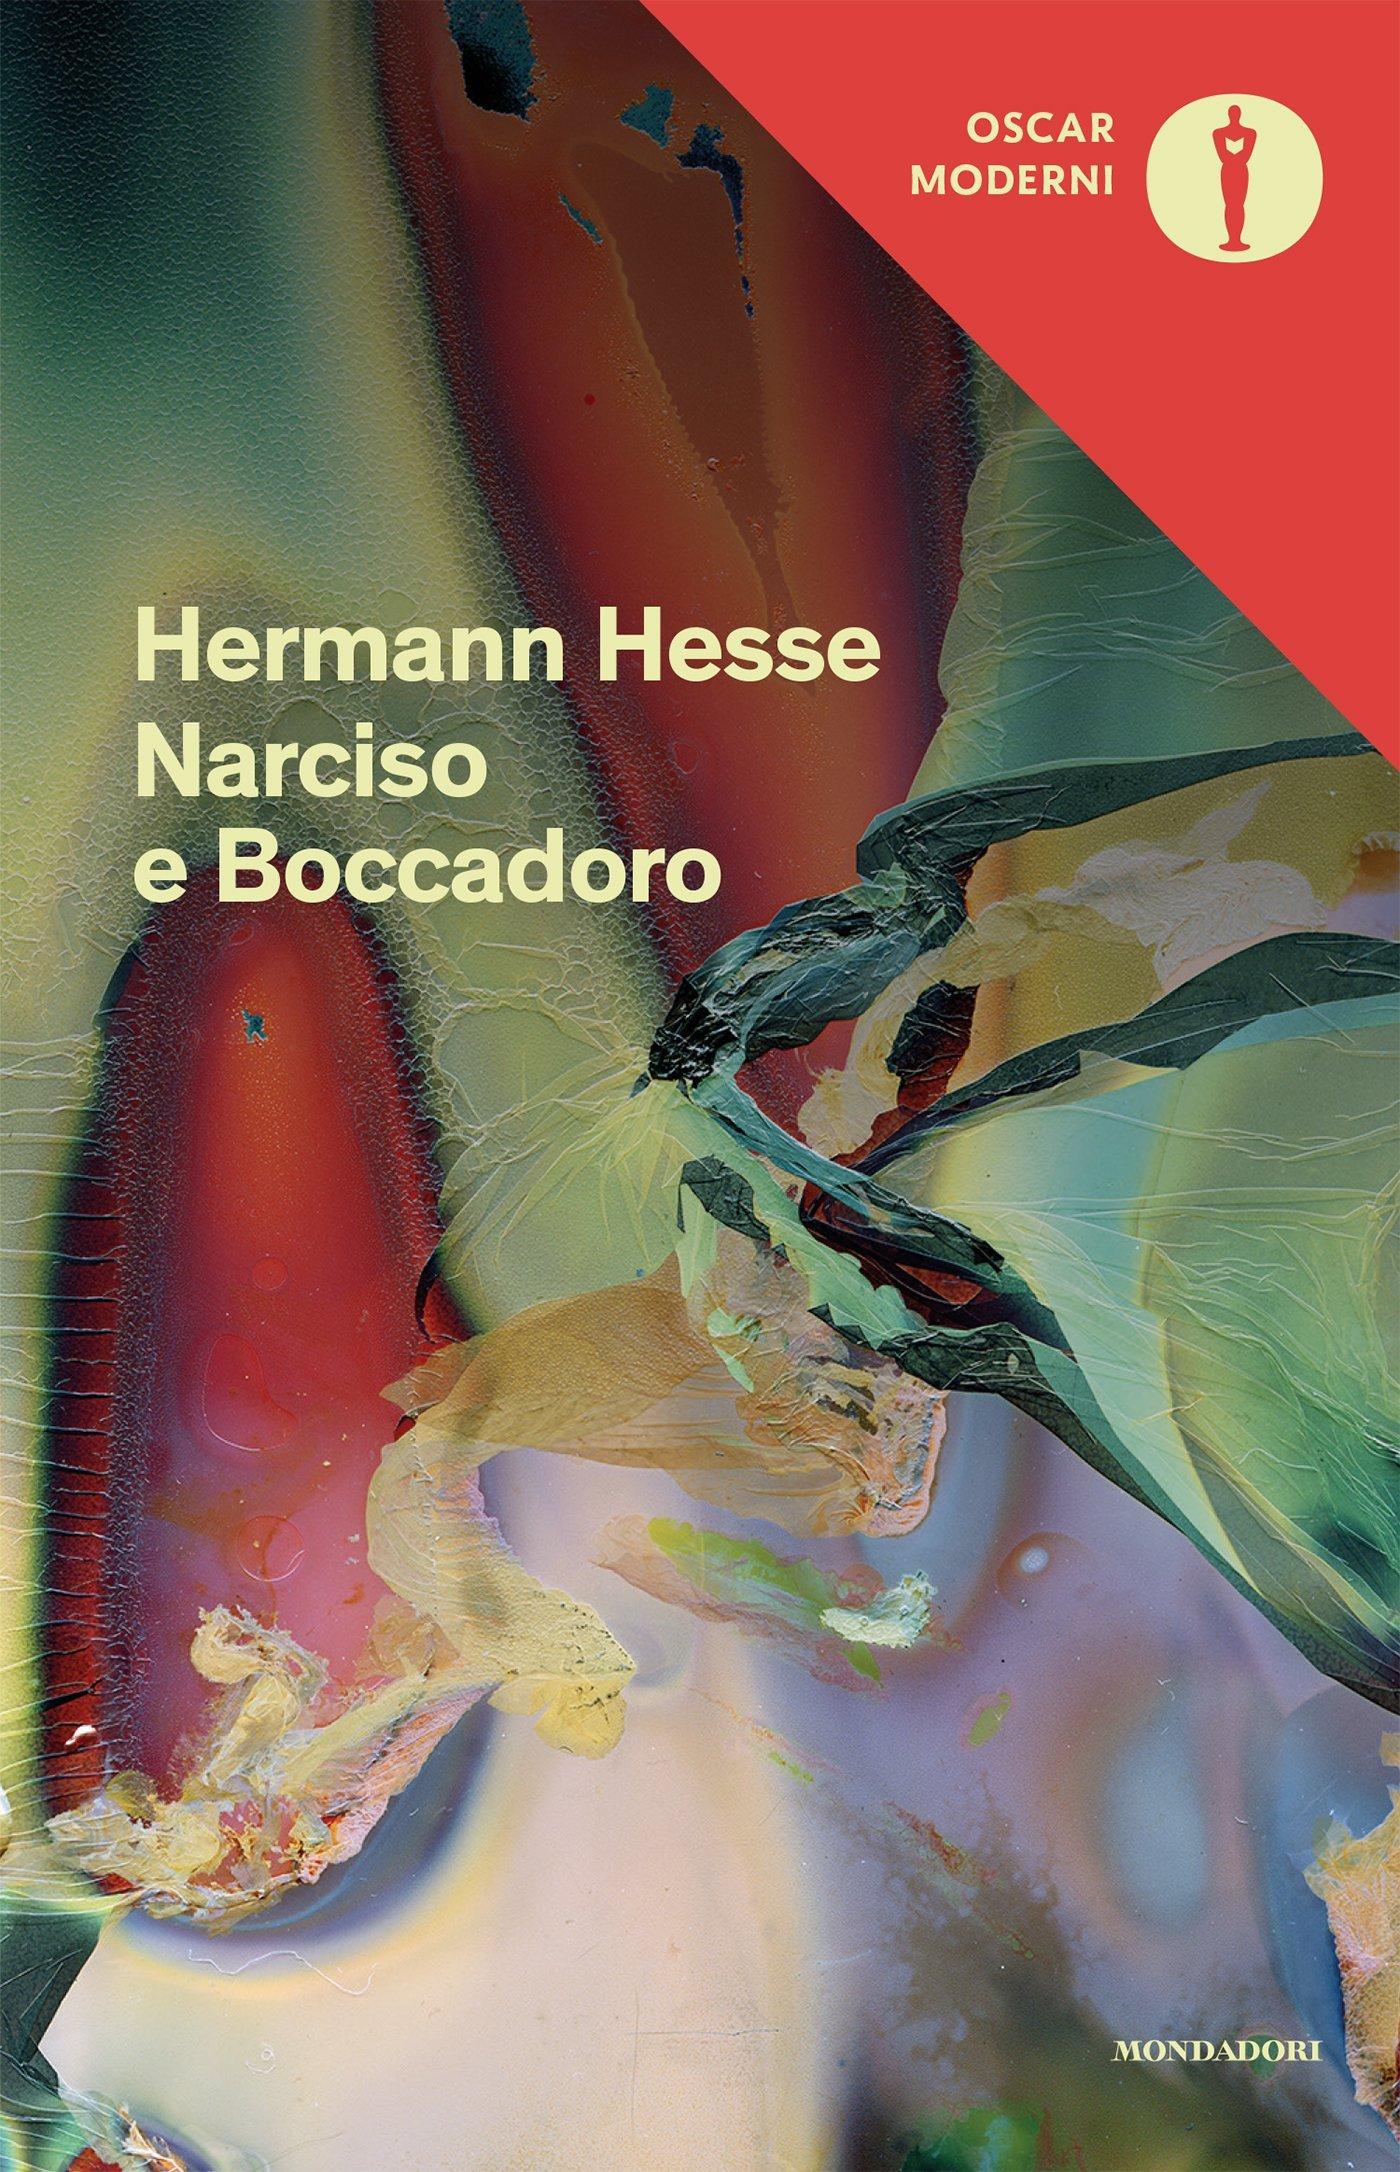 Amazon.it: Narciso e Boccadoro - Hesse, Hermann, Baseggio, C. - Libri